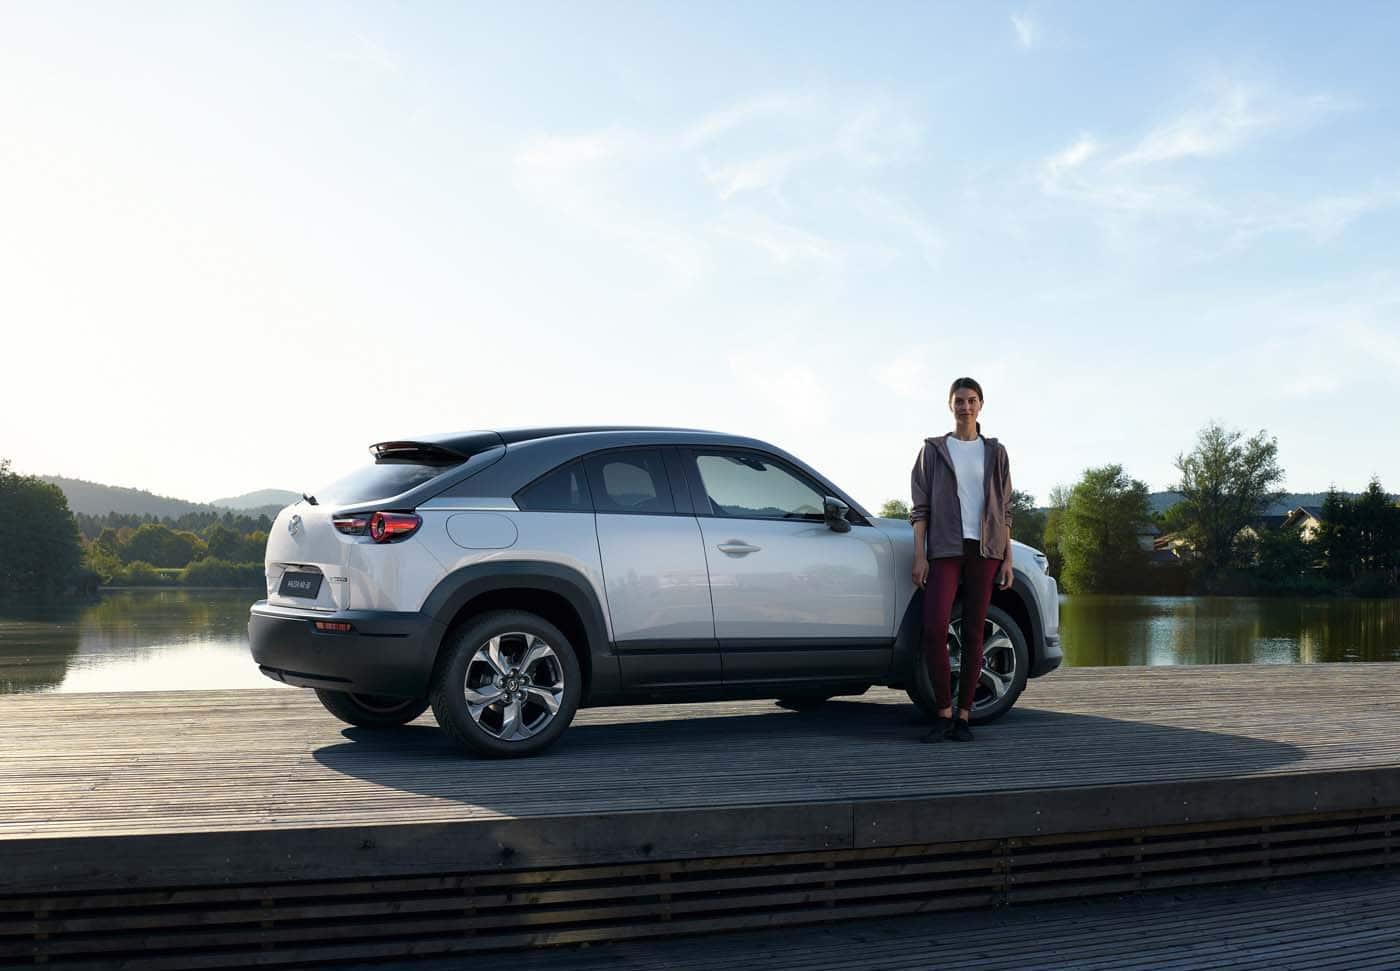 Mazda mx30 töltés, elektromos autó töltőkábel, leírás,külső